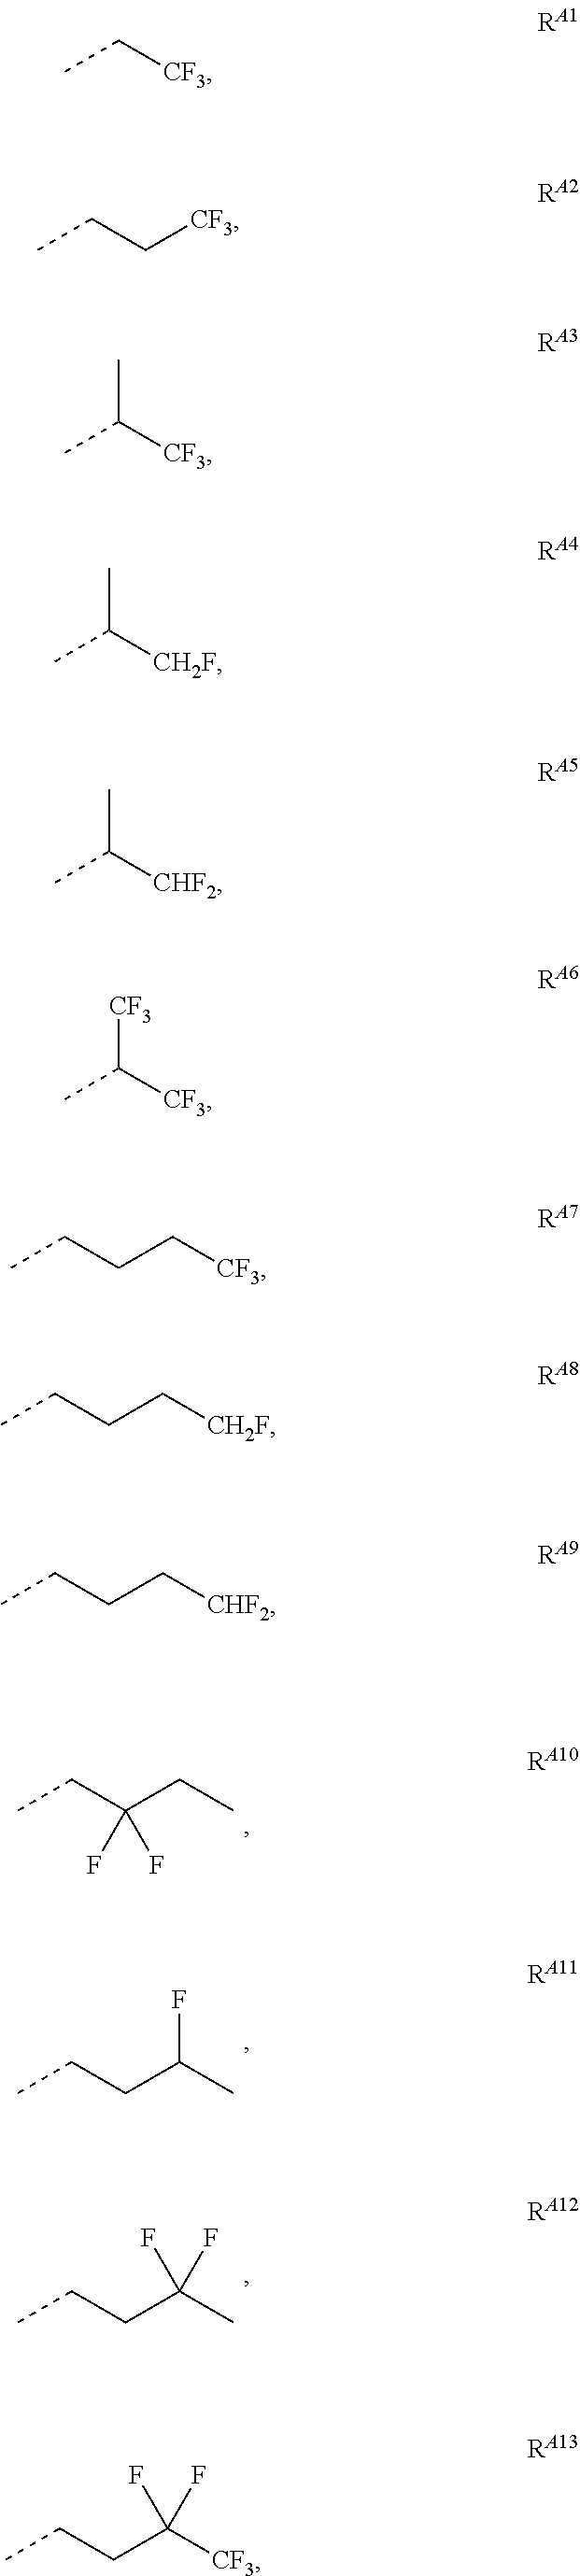 Figure US09711730-20170718-C00247